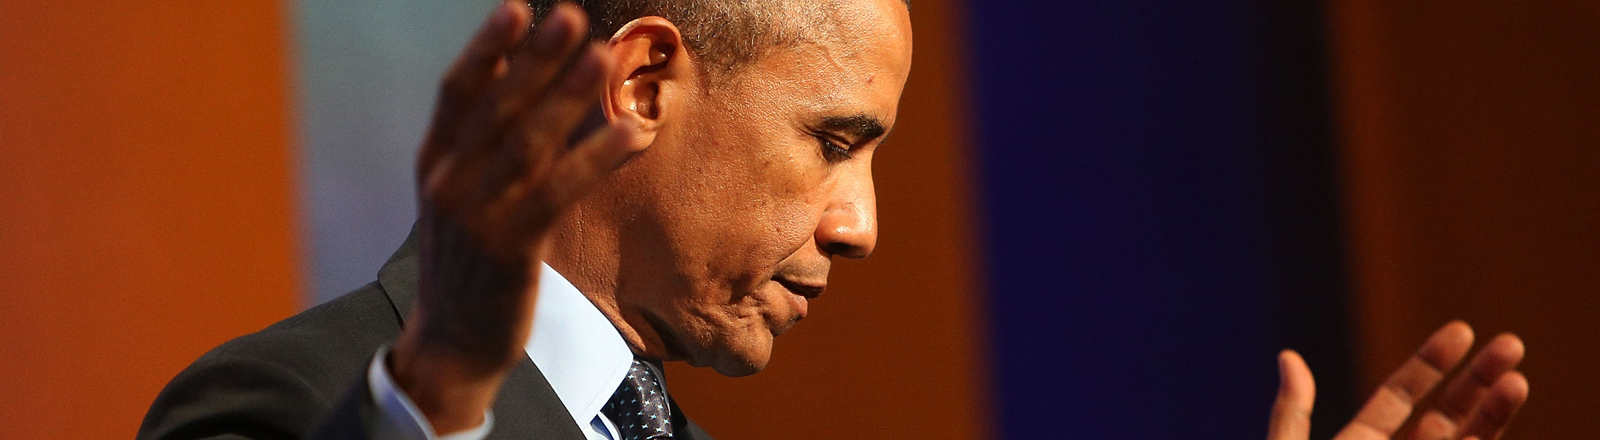 Barack Obama bei einer Rede mit weit ausgebreiteten Händen